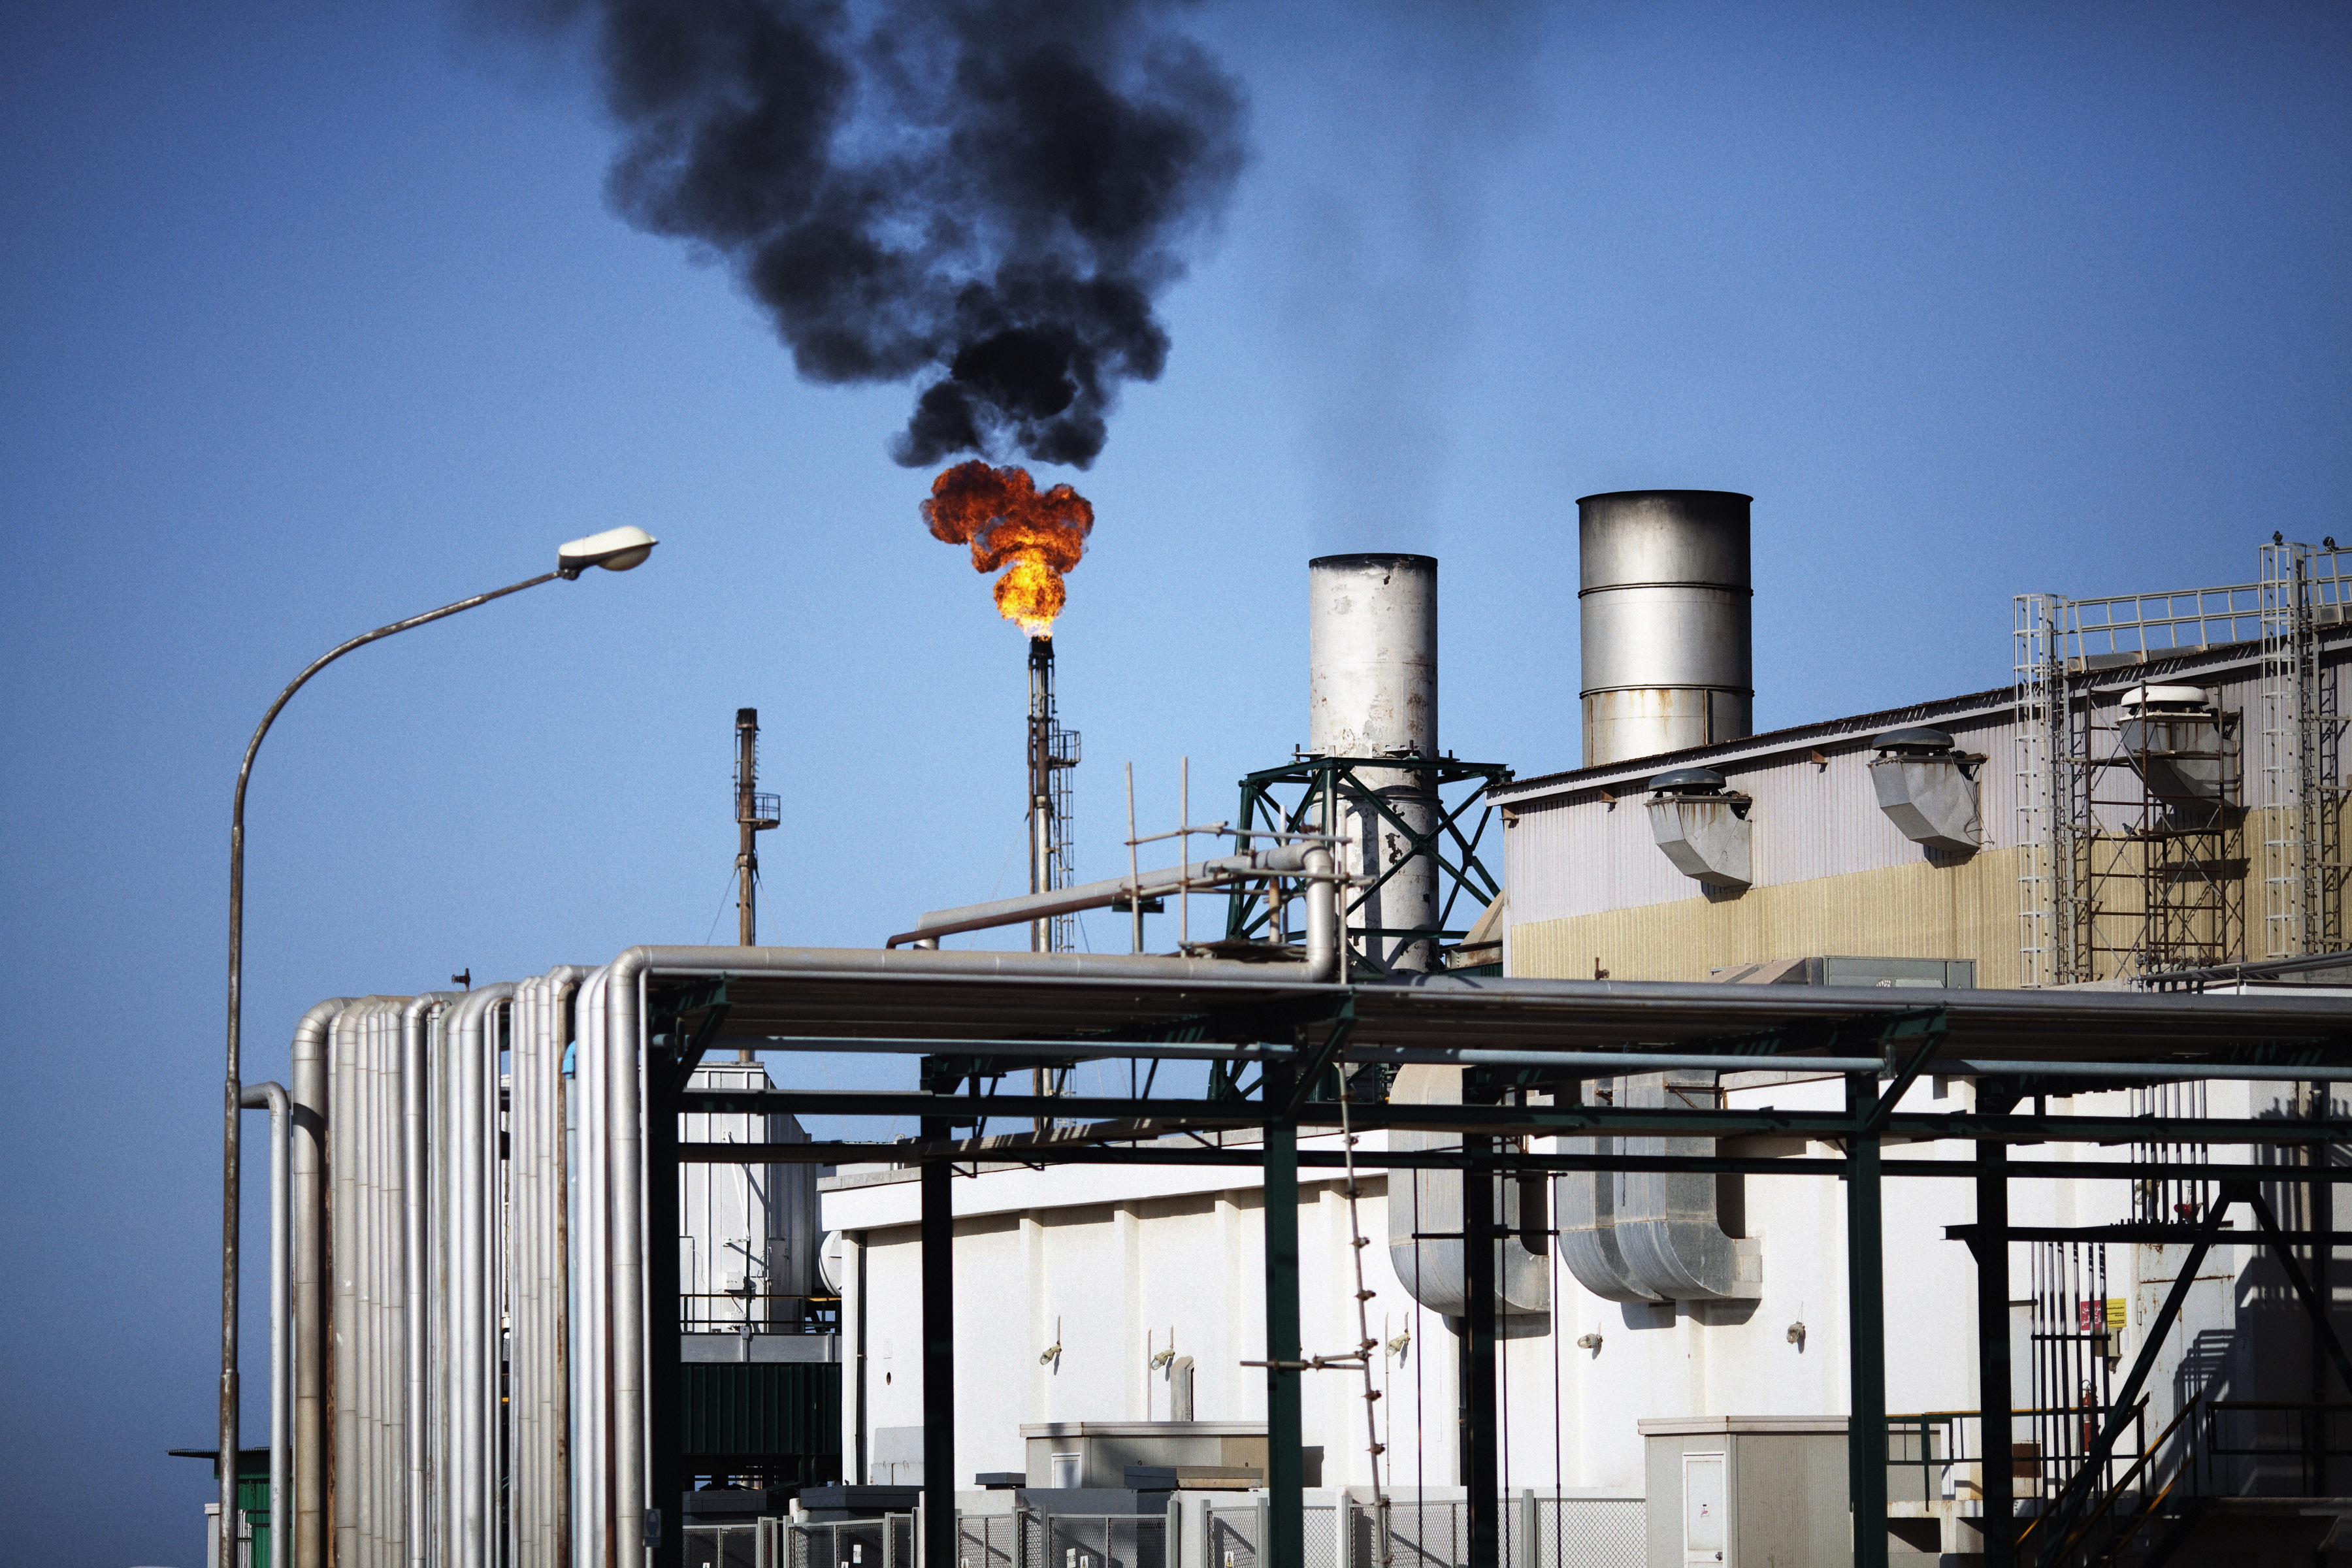 الإمارات ستخفض انتاجها النفطي بأكثر من 139 ألف برميل في مارس وأبريل